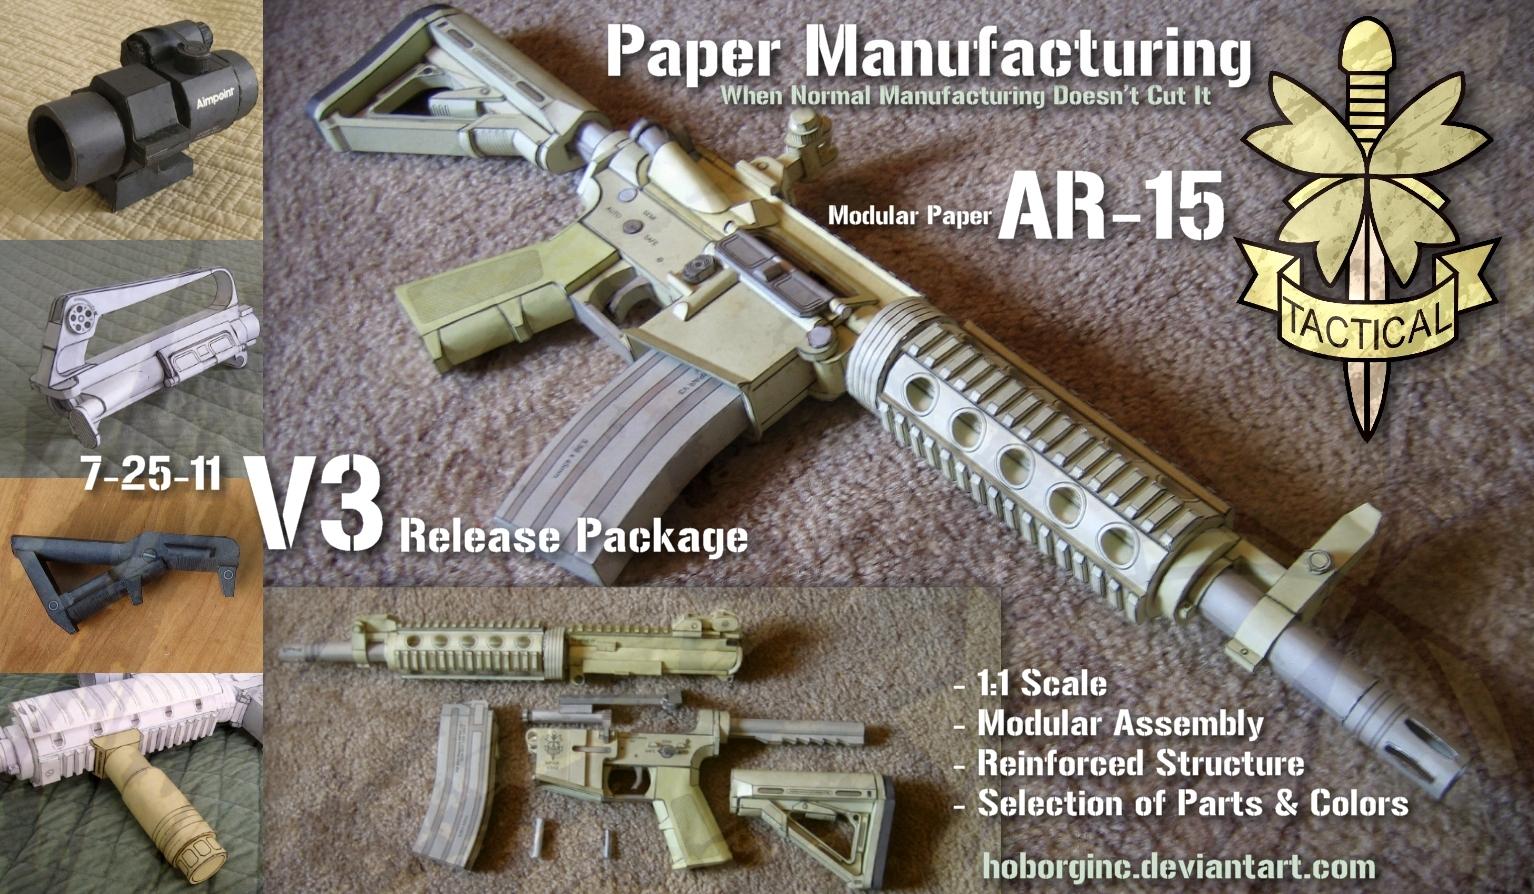 Modular Paper AR15 V3 by Hoborginc